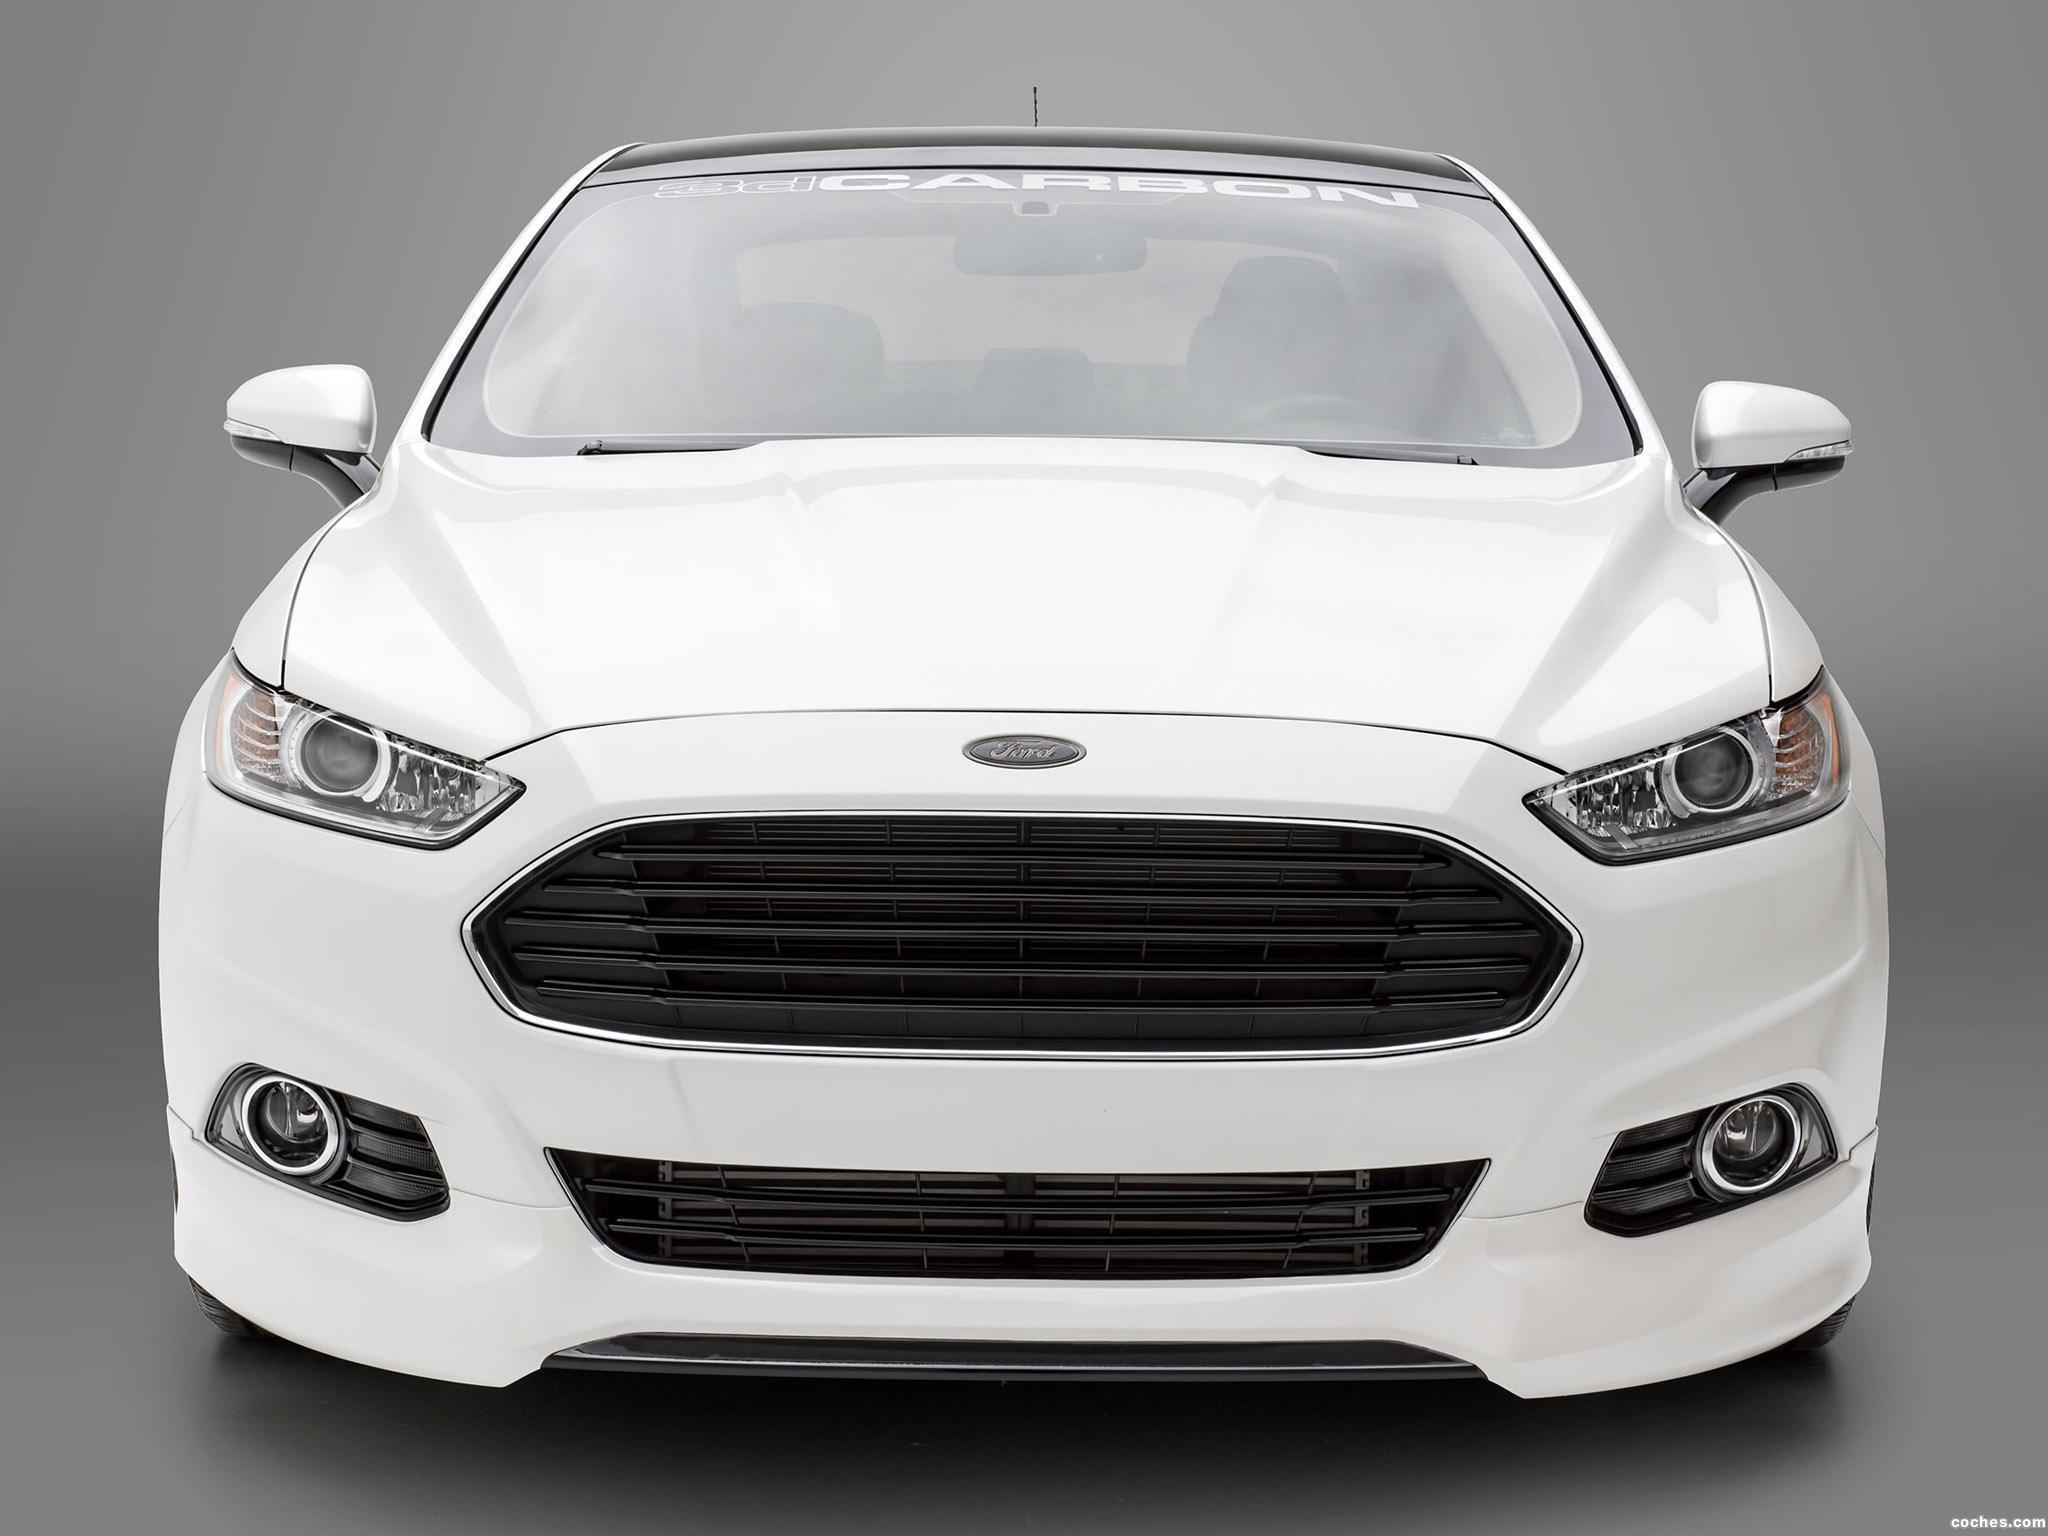 Foto 0 de Ford 3dCarbon Fusion 2013